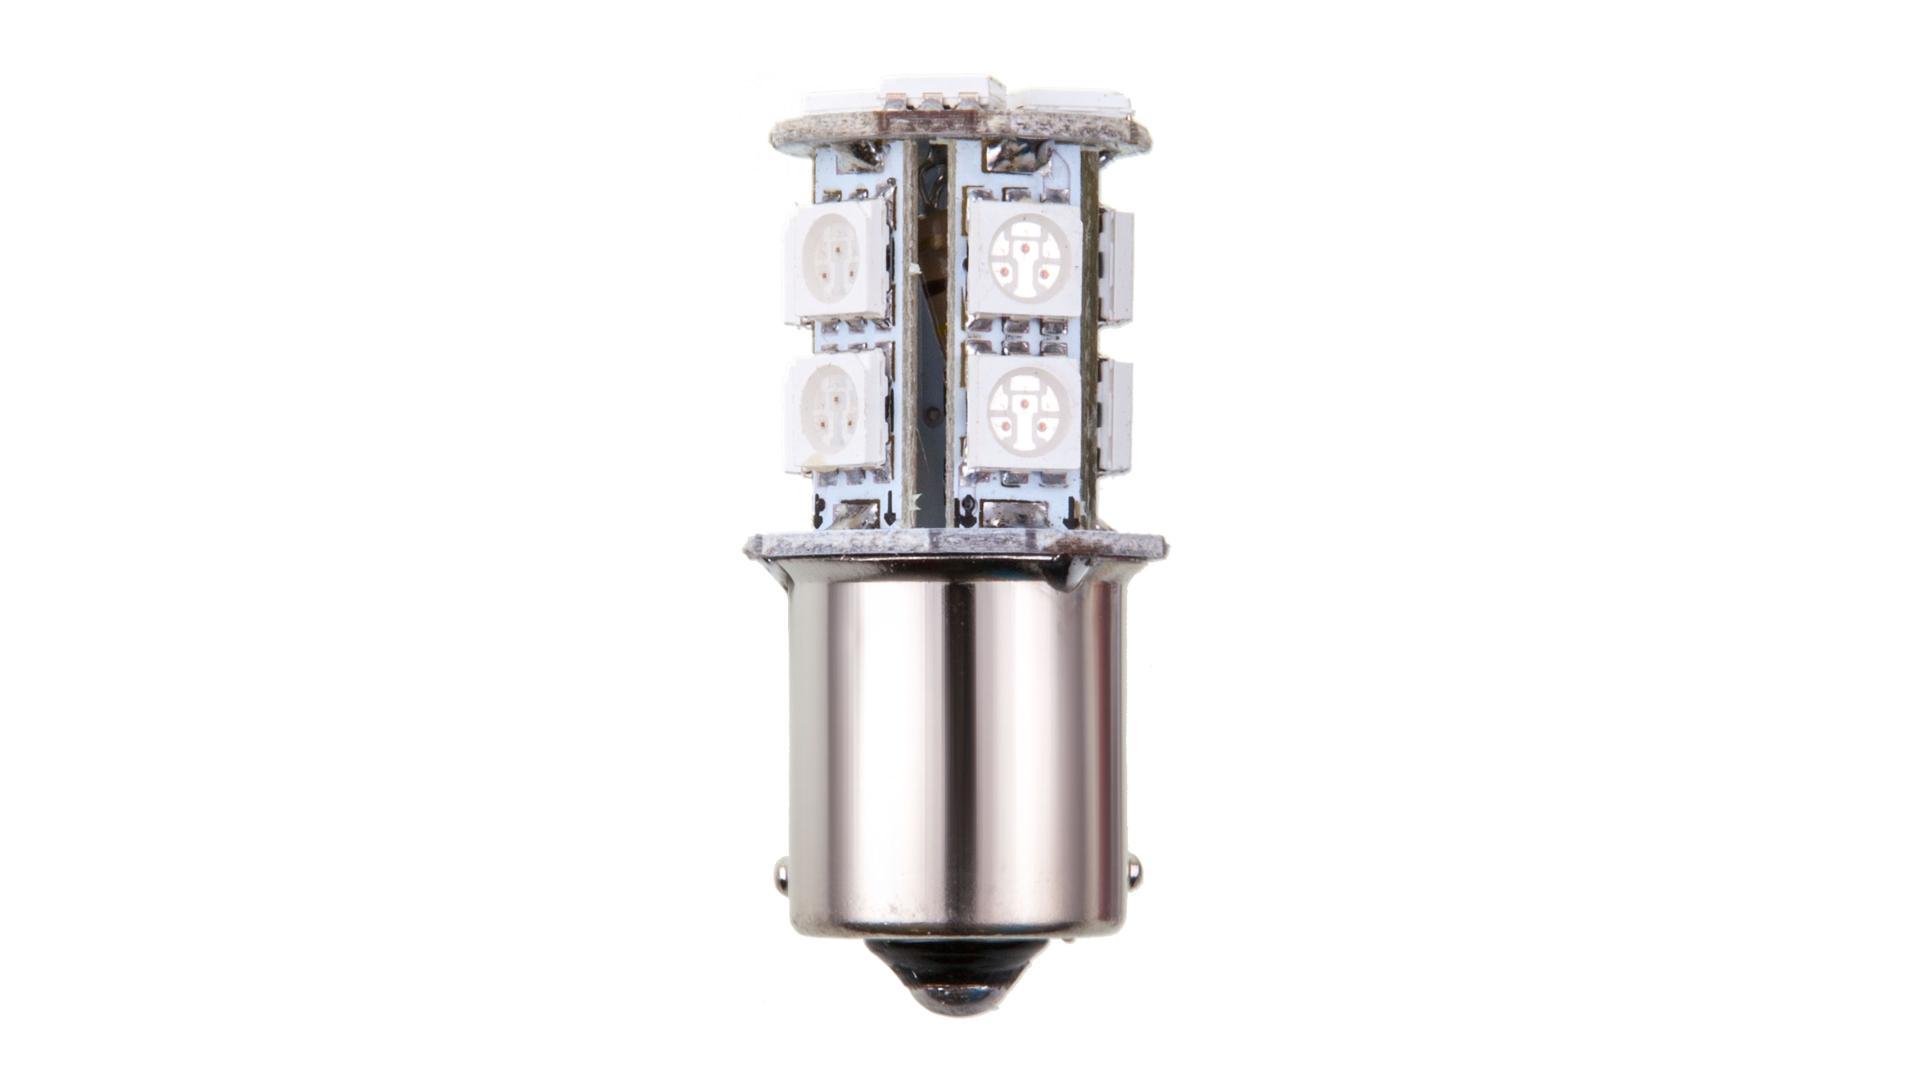 4CARS LED žárovka 13LED 12V S25-5050SMD BA15S červená